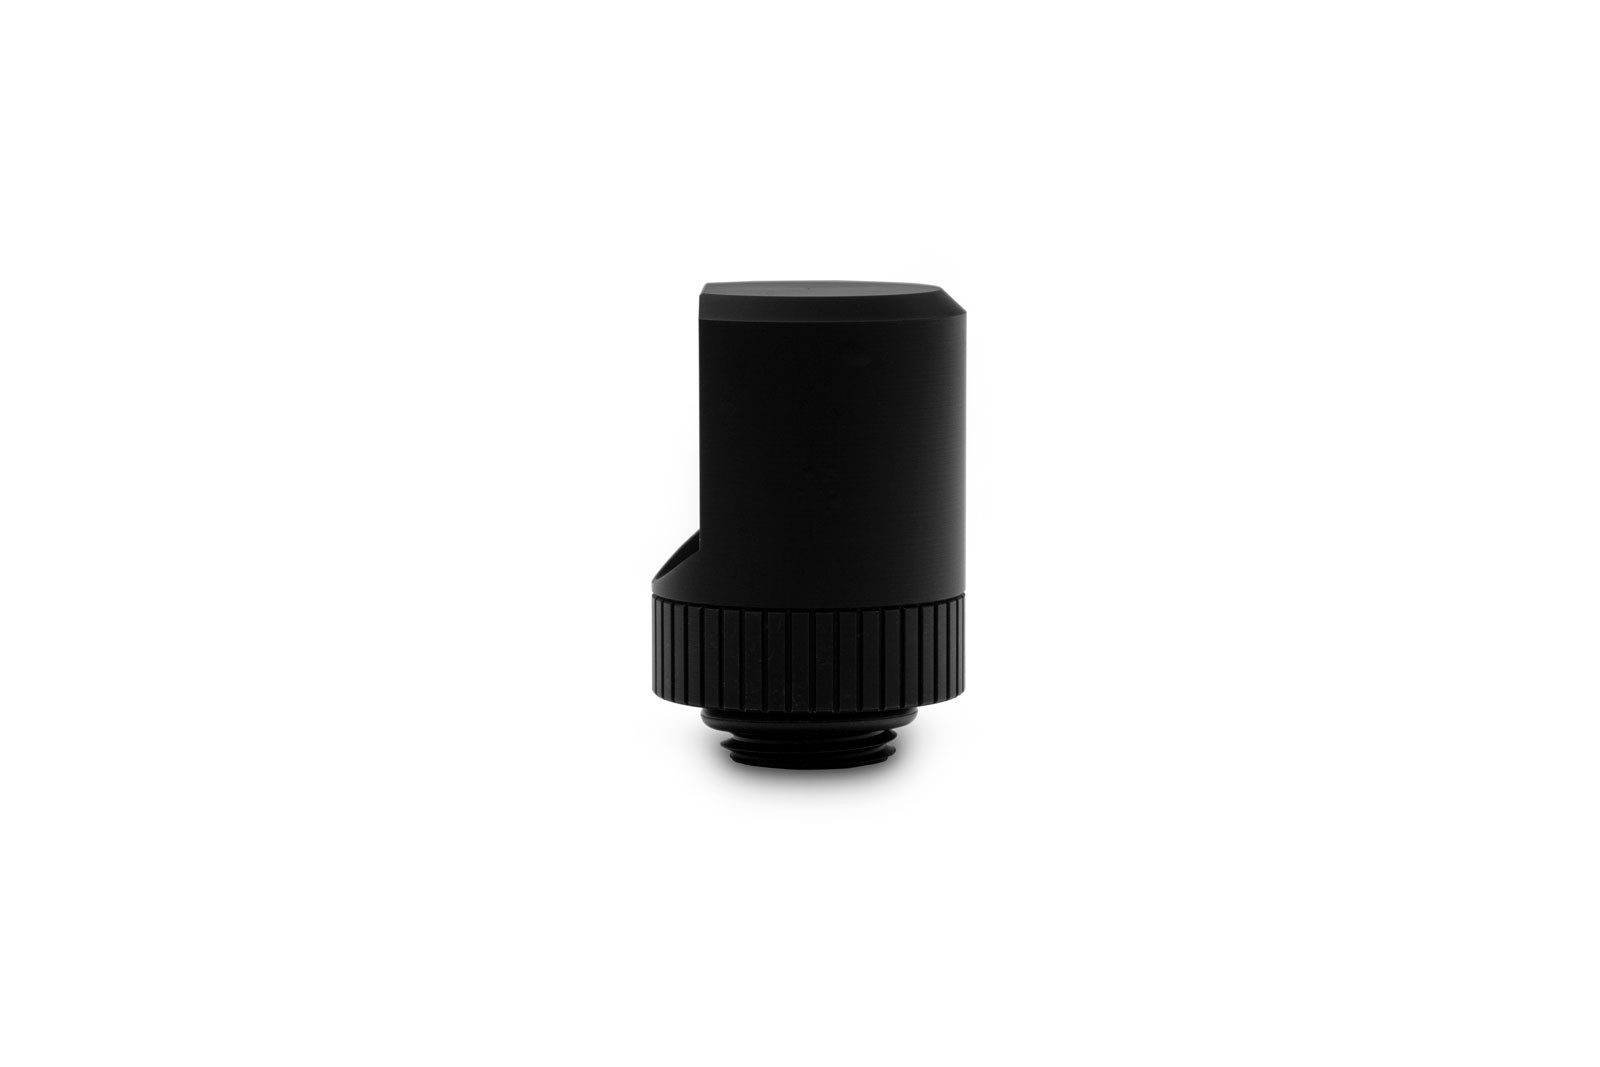 EK WaterBlocks EK-Torque Angled 90° - Black